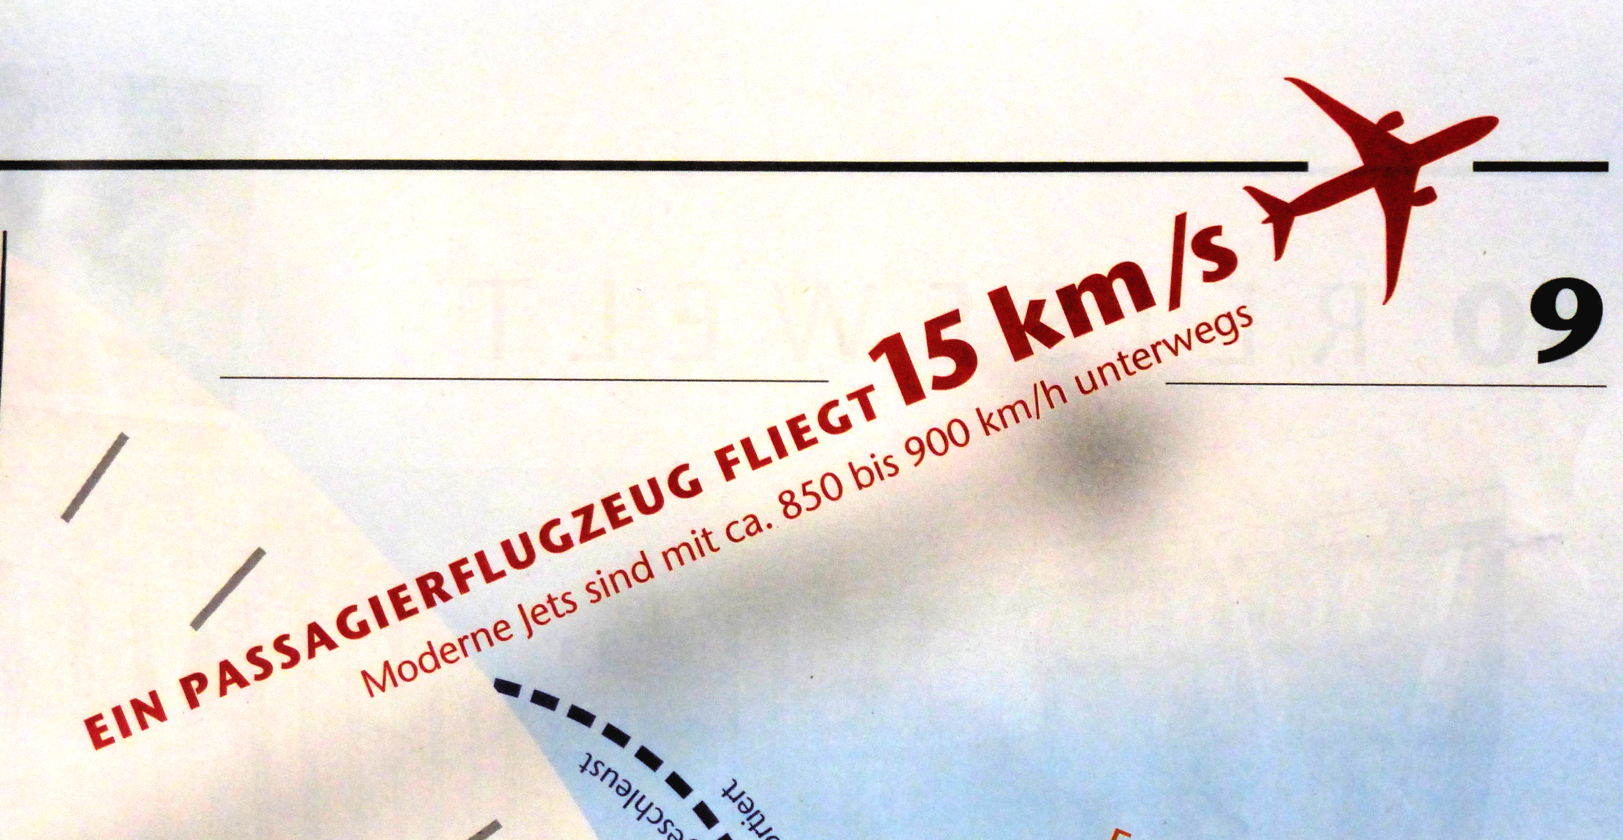 15kms